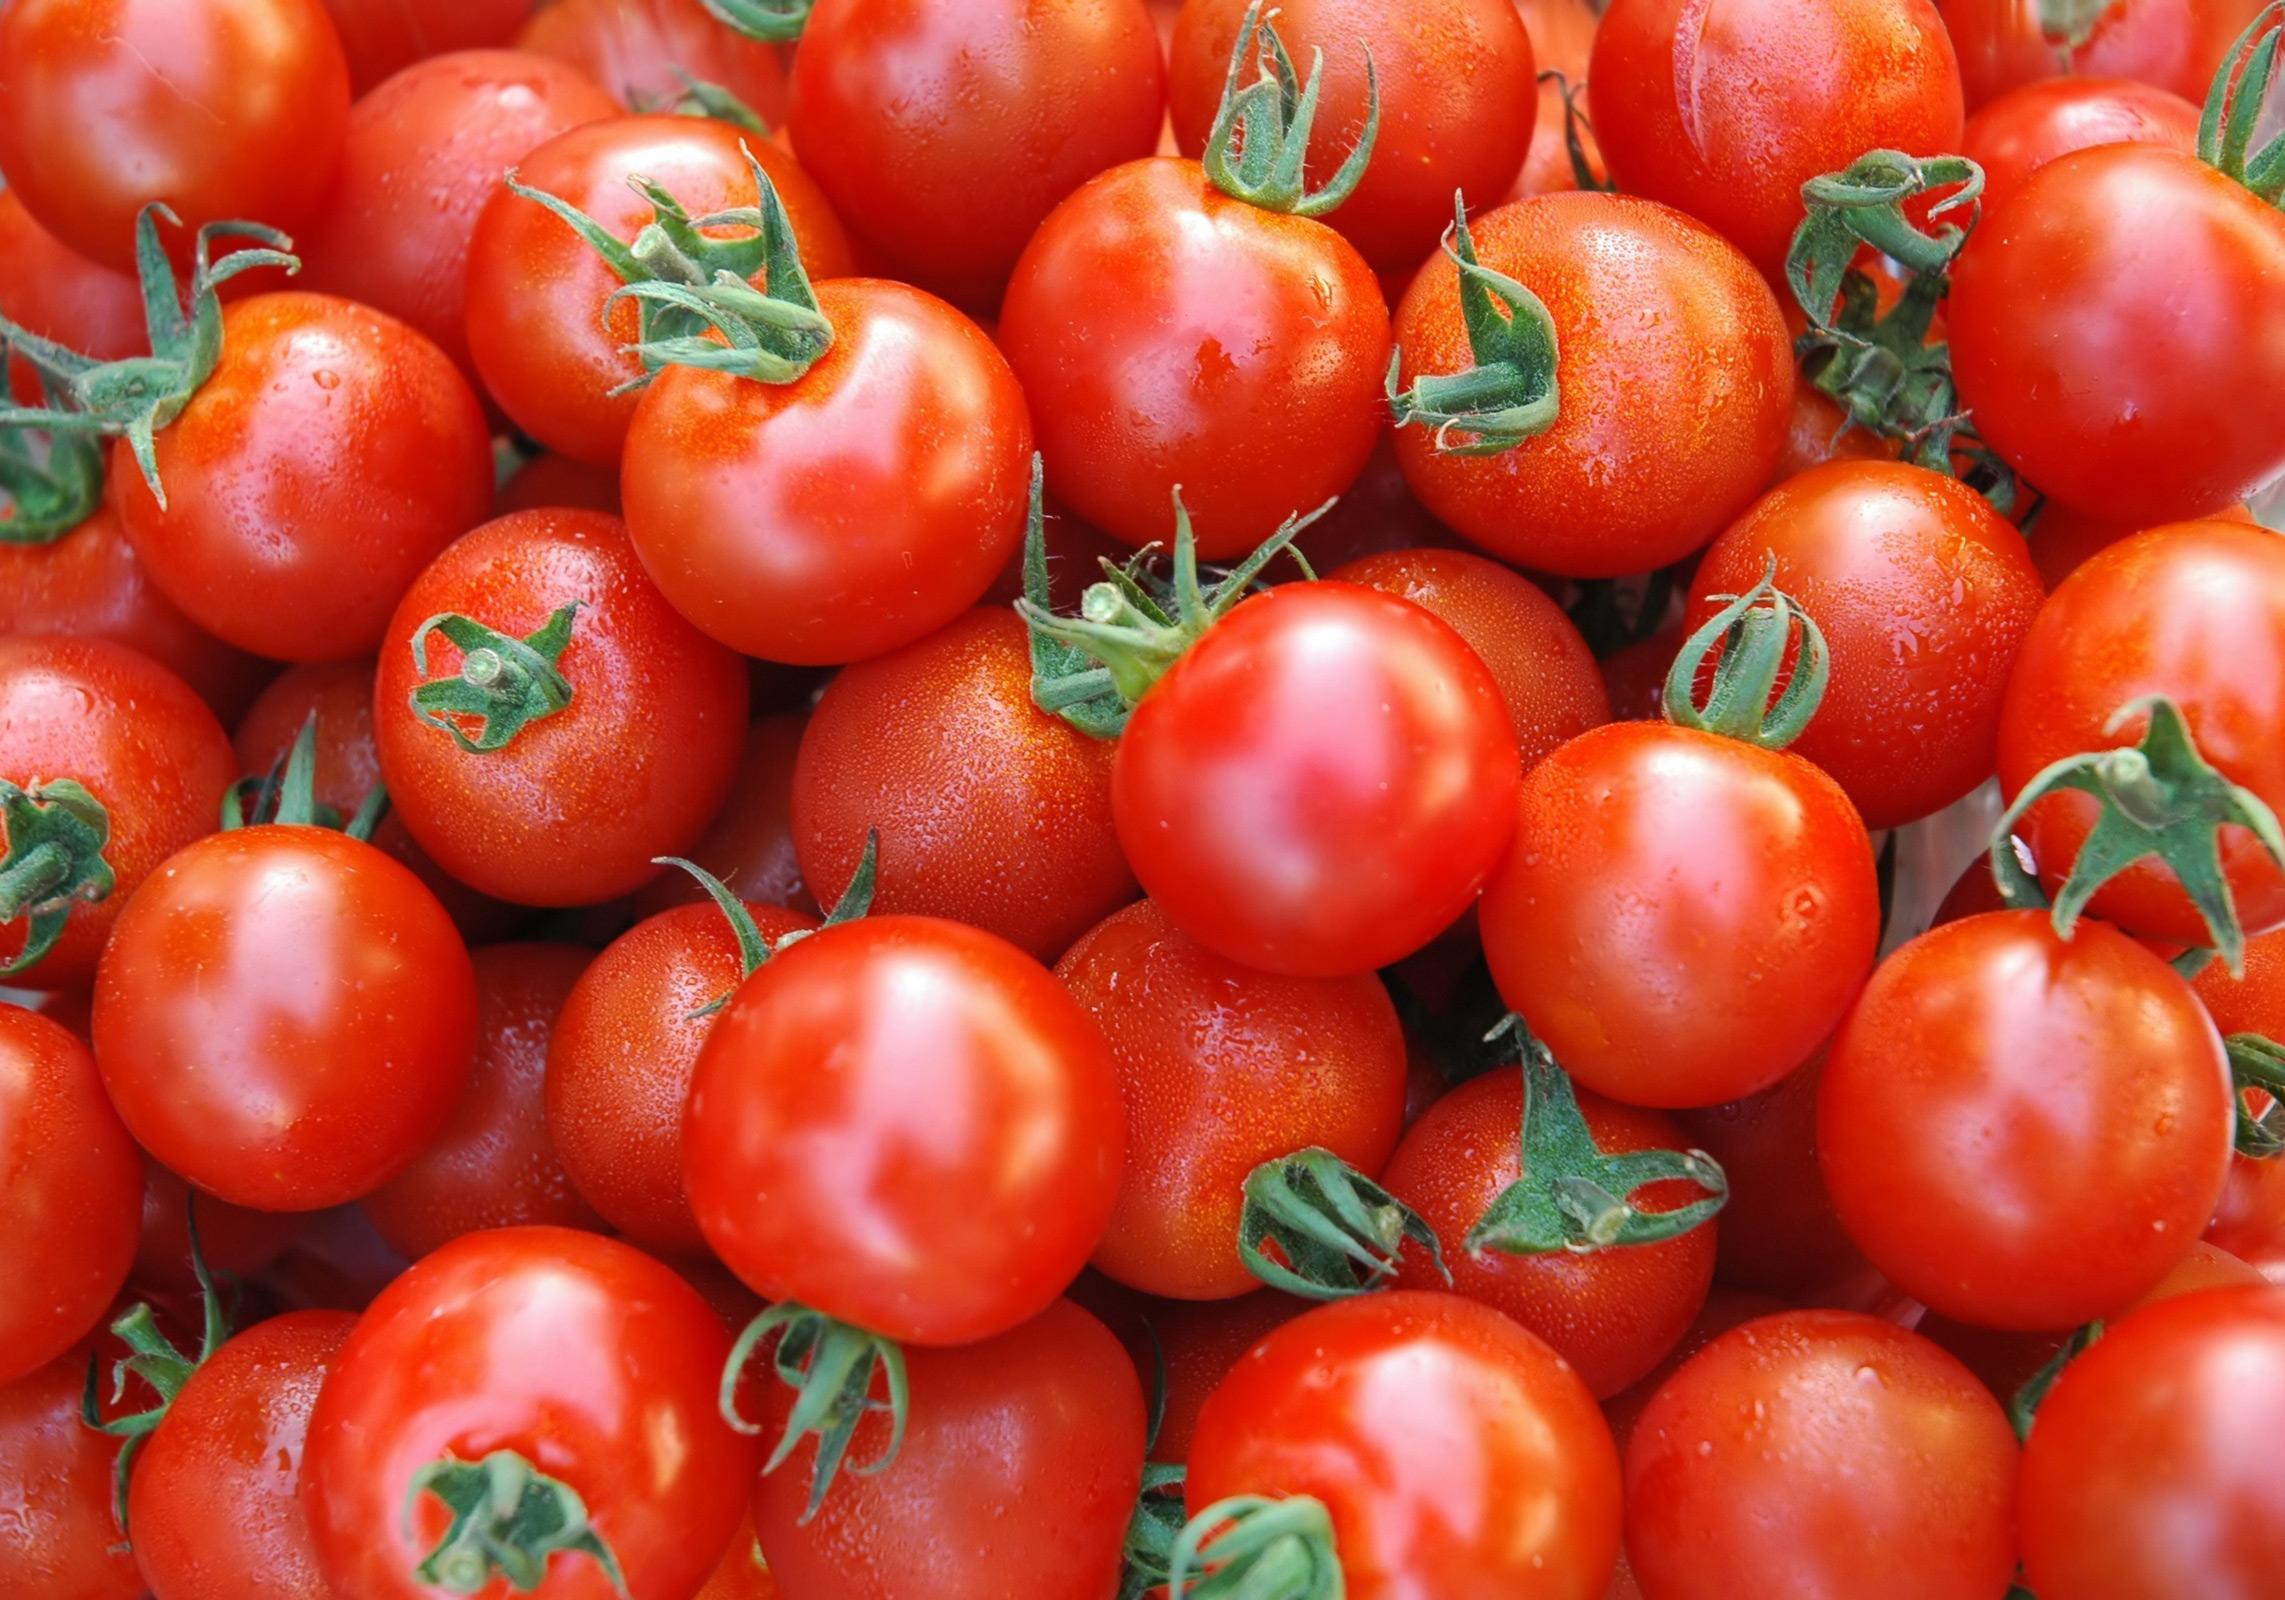 قول کاهش قیمت گوجهفرنگی در روزهای آینده